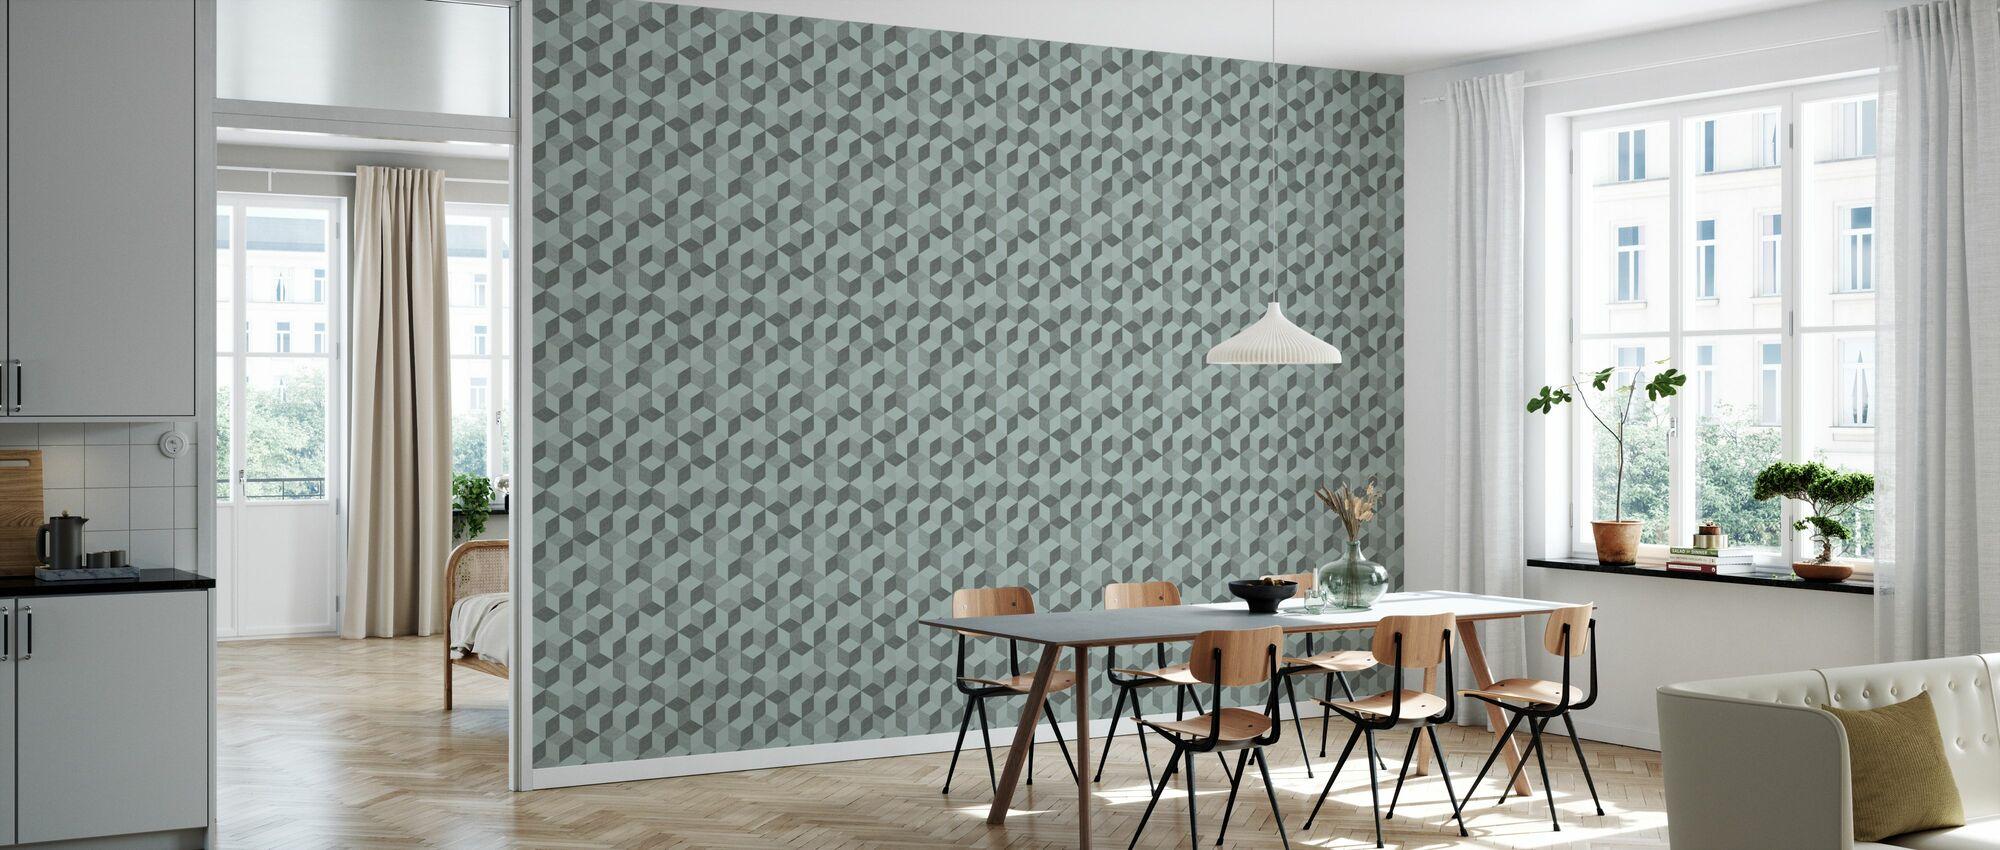 Hexagon Mint - Wallpaper - Kitchen